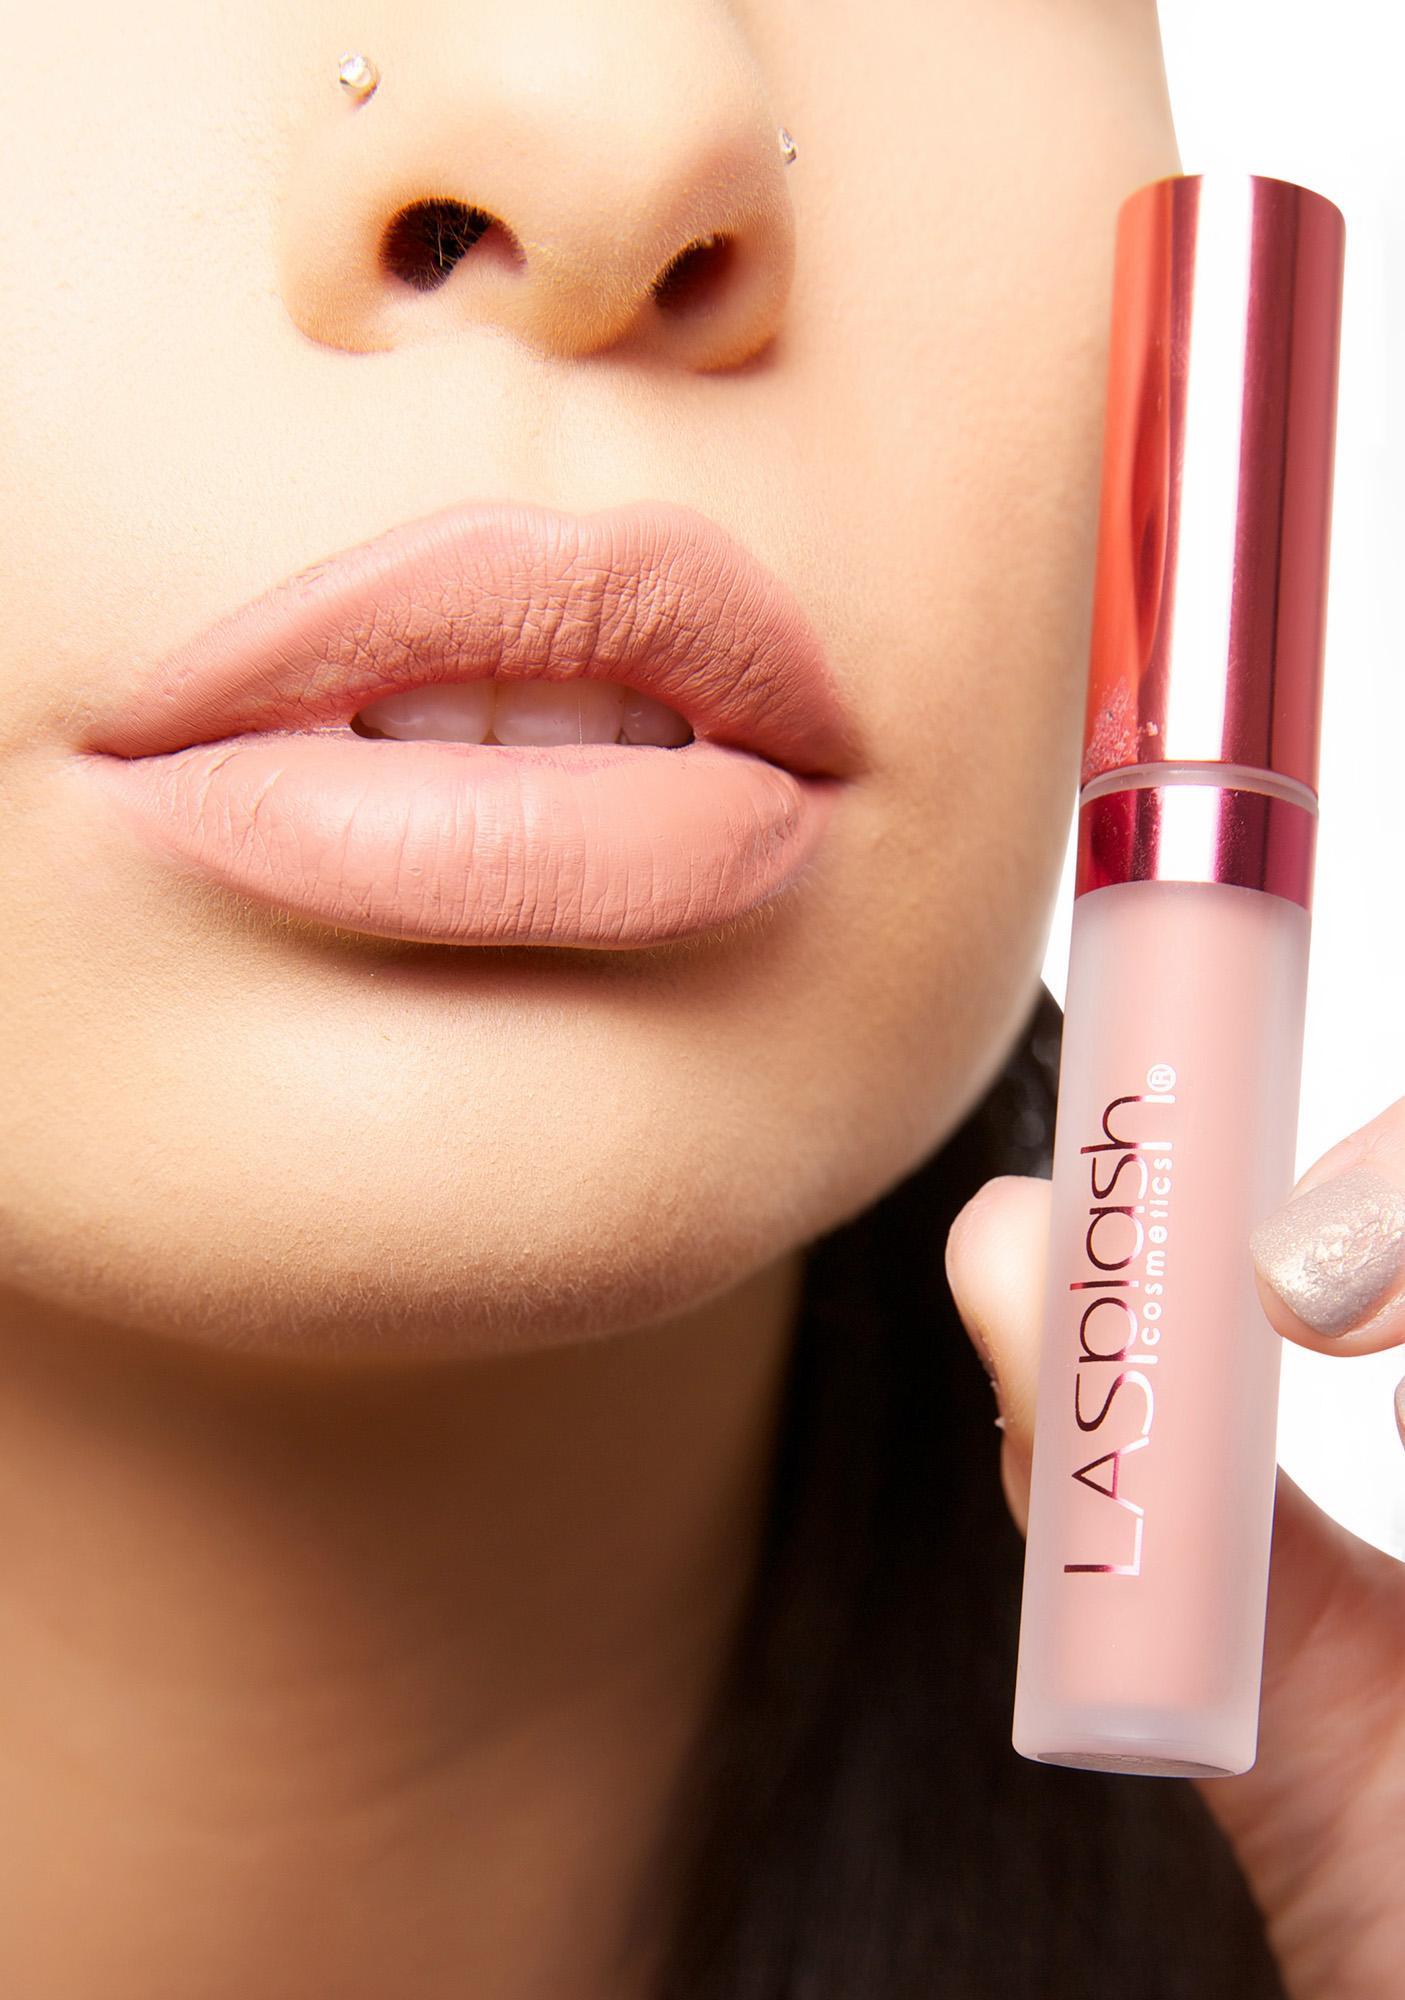 LA Splash Exposed Velvet-Matte Liquid Lipstick